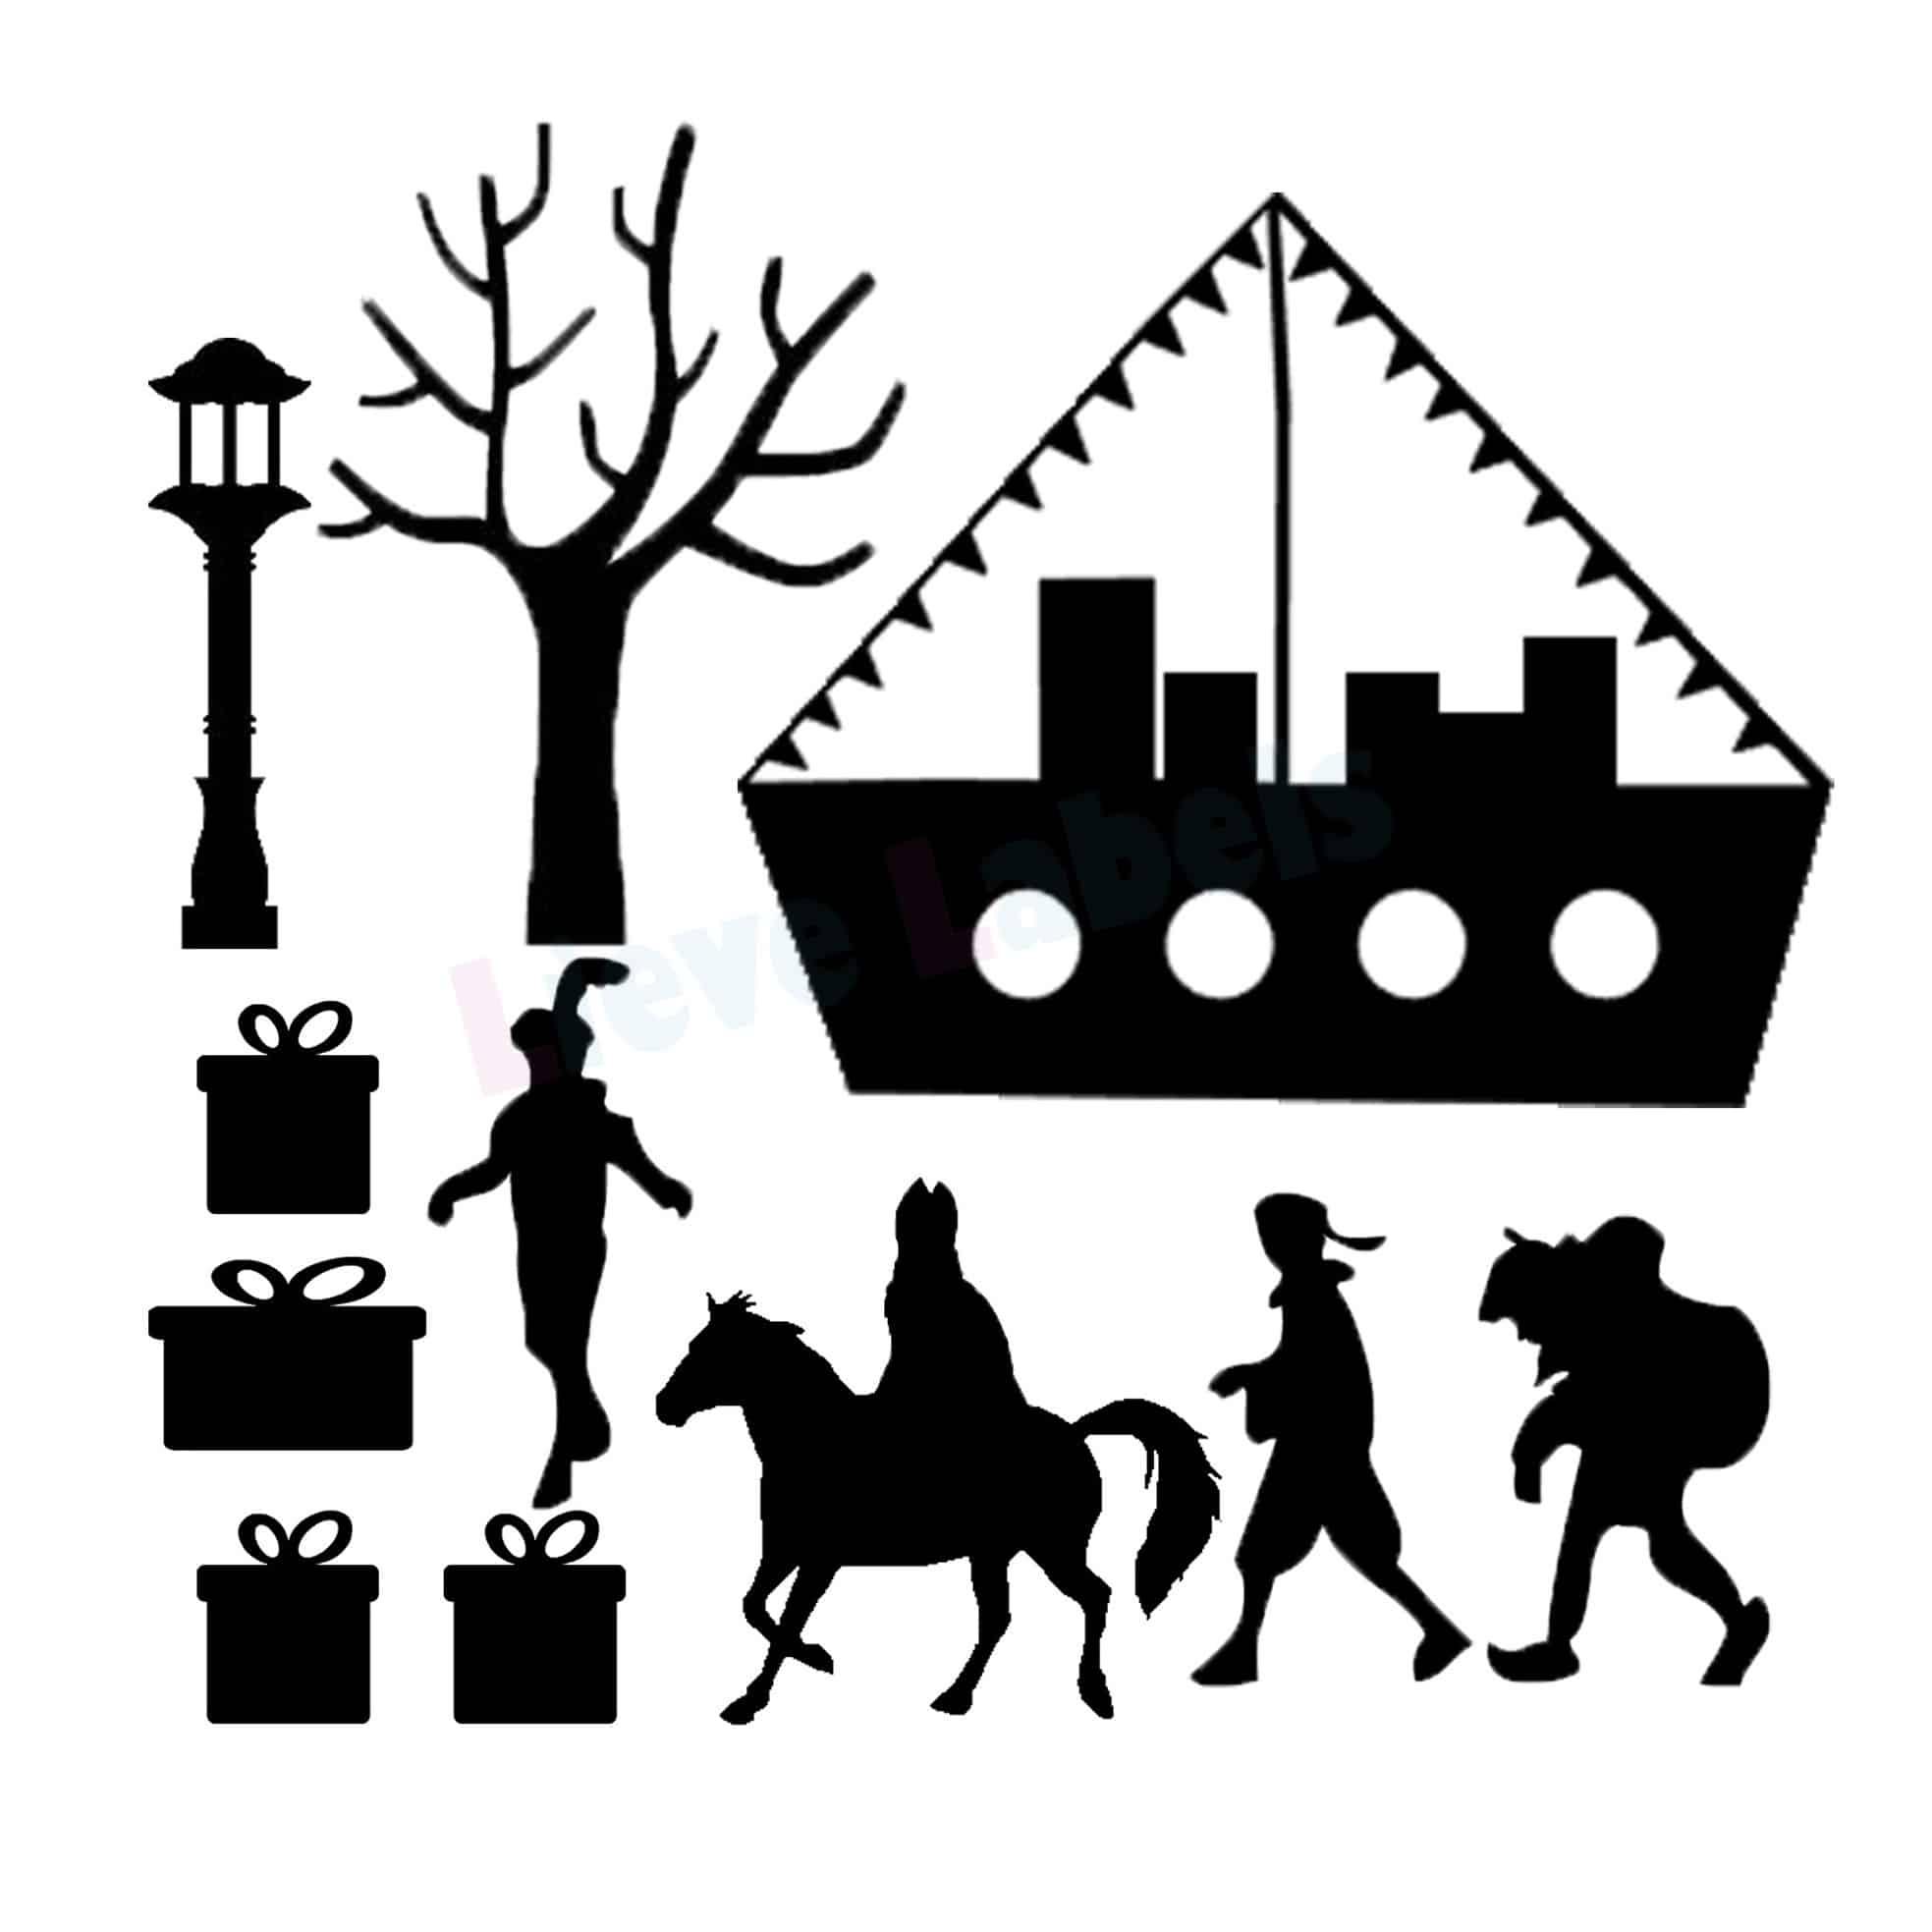 Herbruikbare statische raamstickers - Sinterklaas